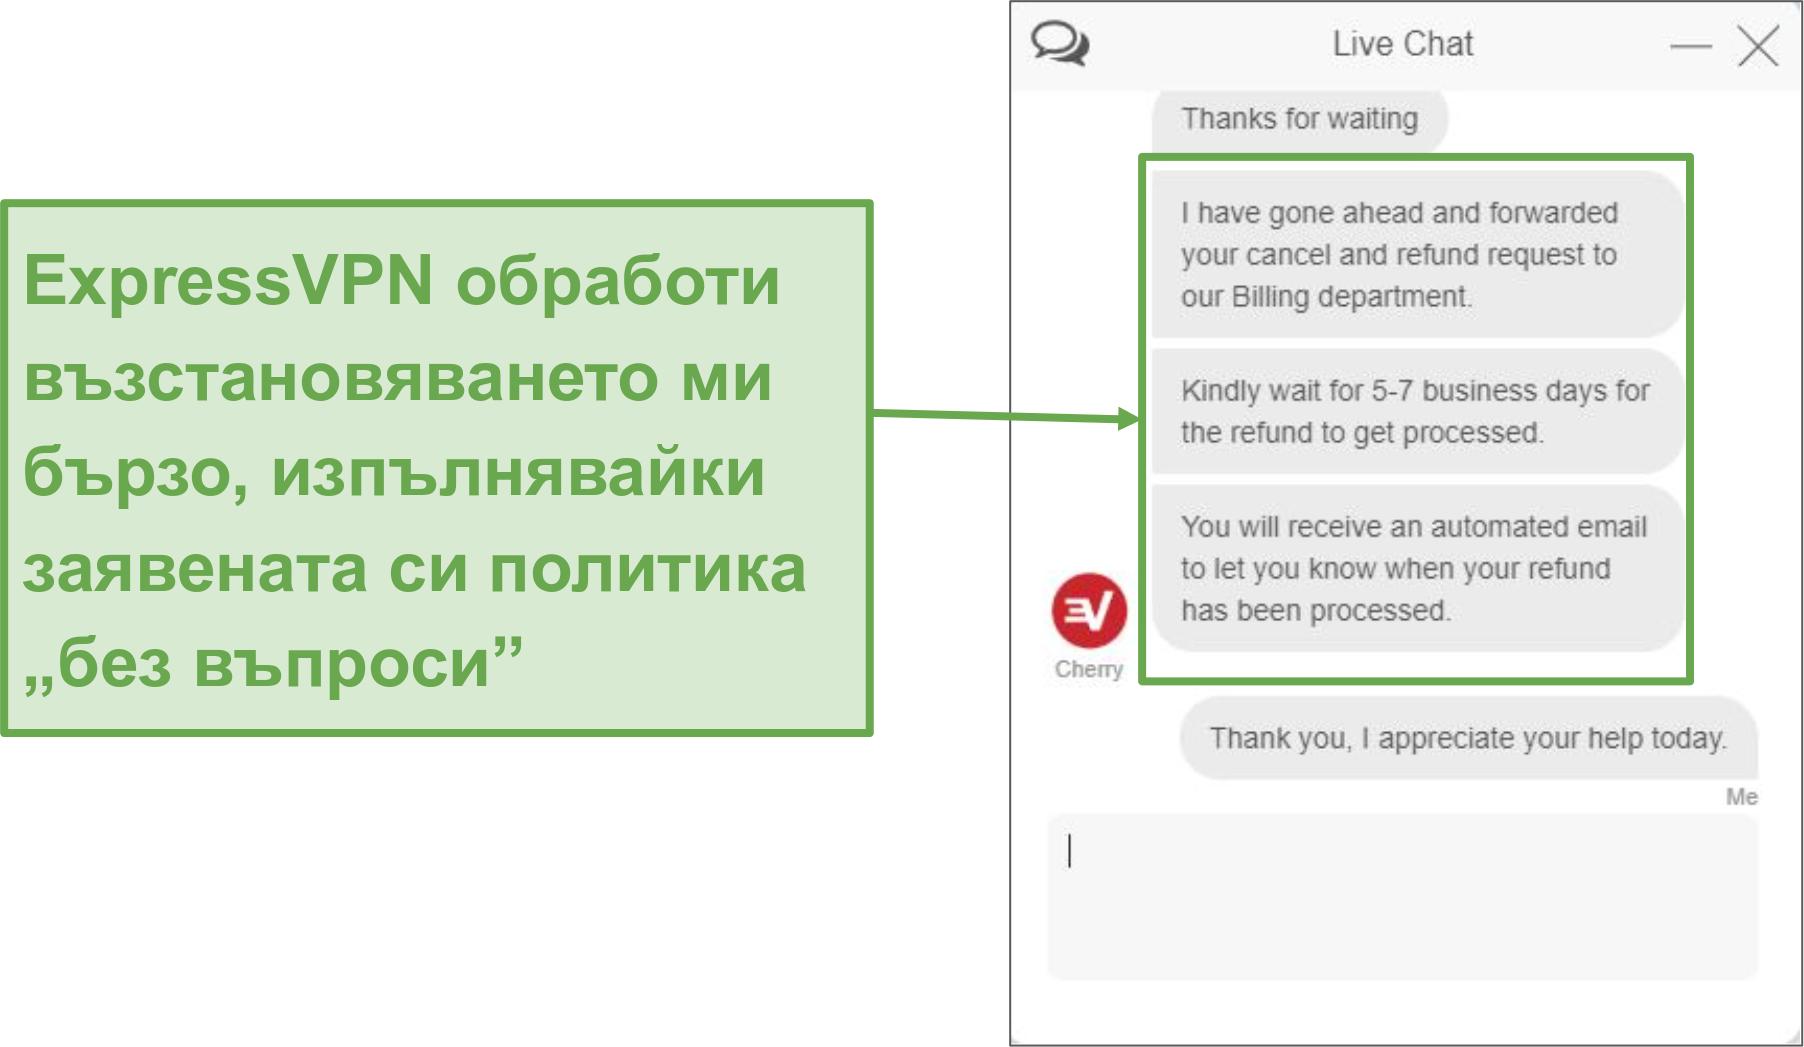 Екранна снимка на заявката за възстановяване на сума чрез чат на живо.